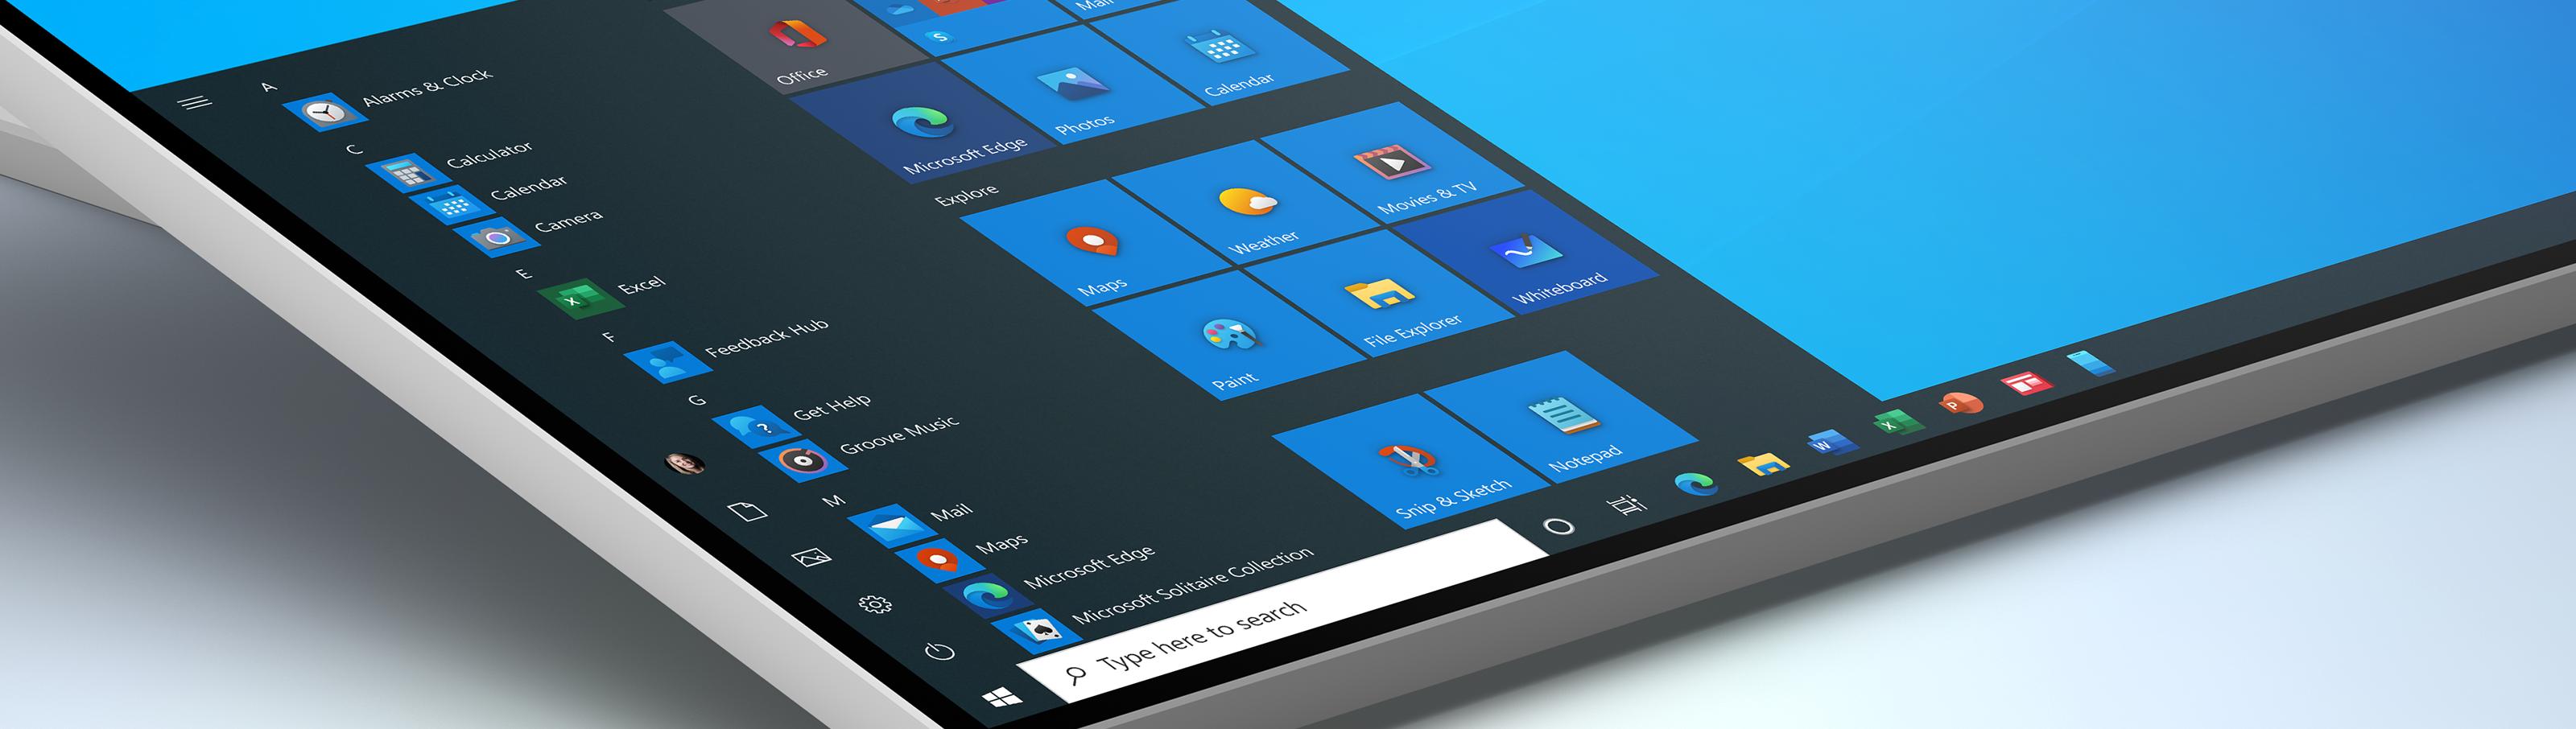 微软推出Windows 10全新系统图标